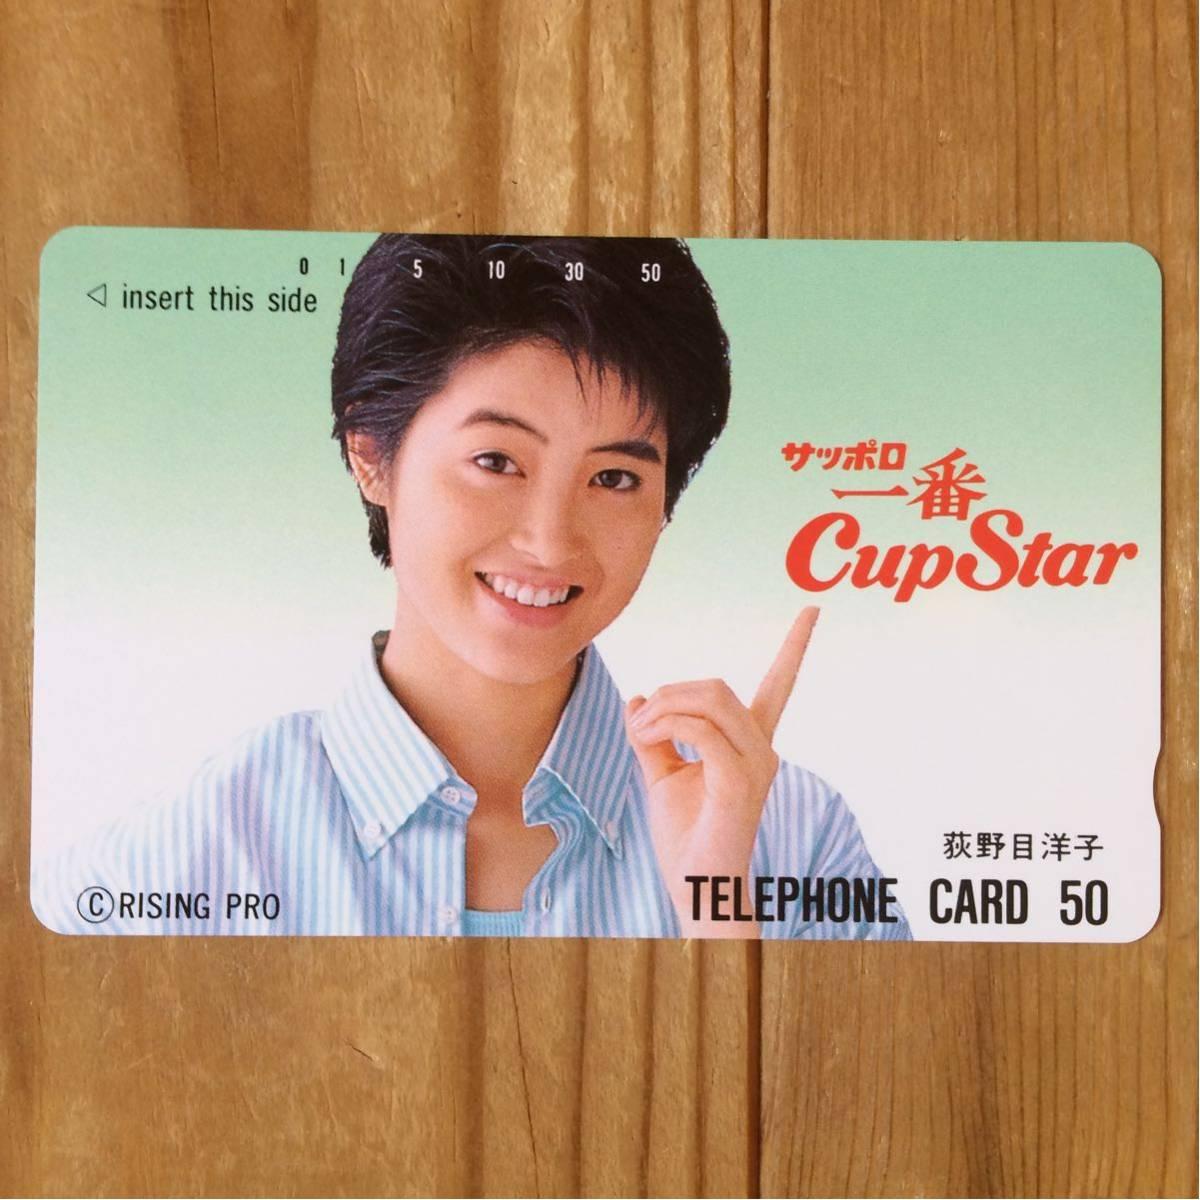 サッポロ一番カップスター懸賞当選品 荻野目洋子